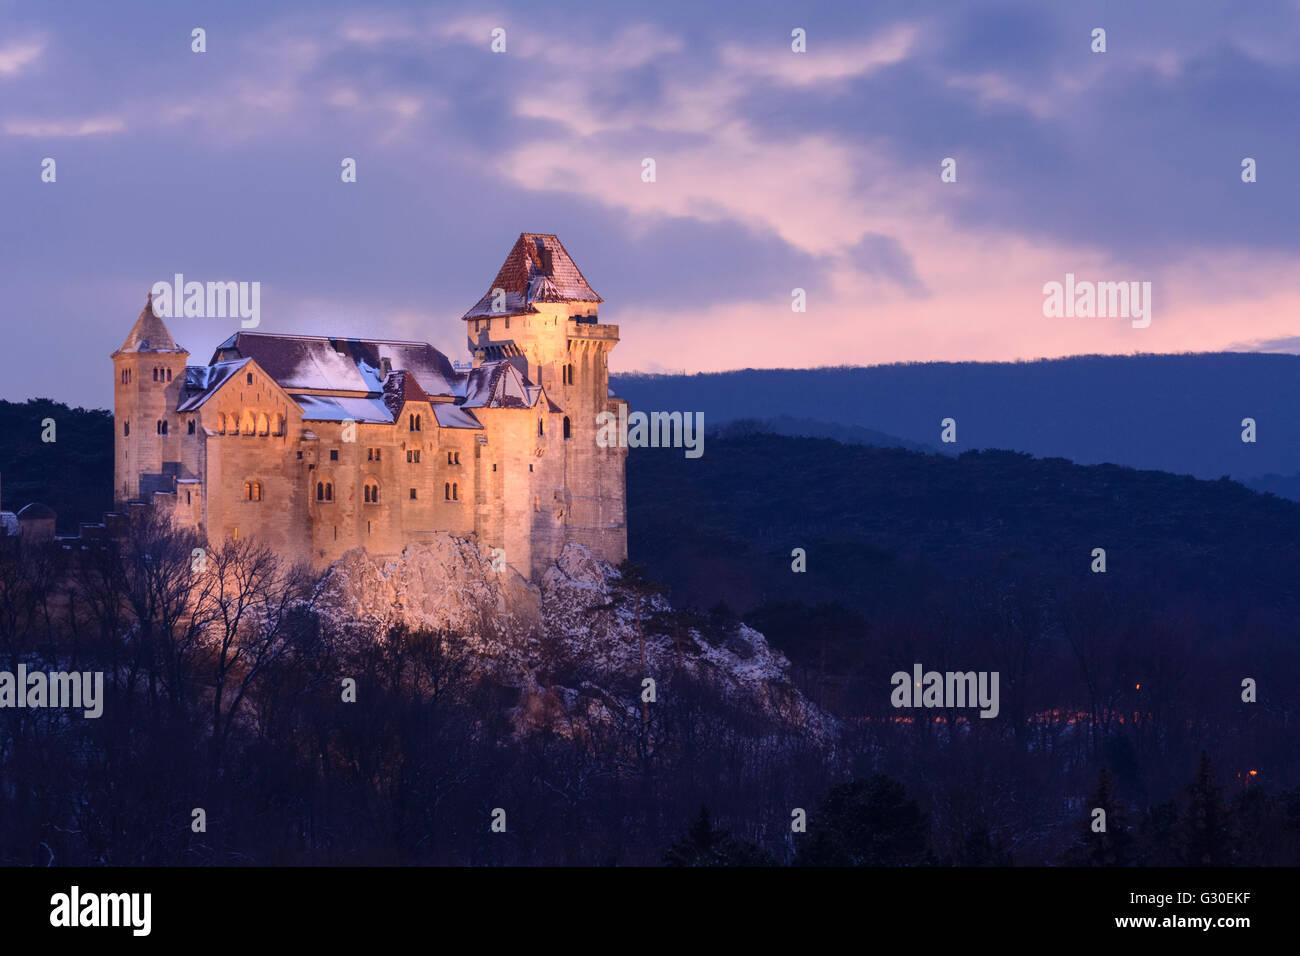 Liechtenstein castle and vineyards, Austria, Niederösterreich, Lower Austria Wienerwald, Maria Enzersdorf Stock Photo